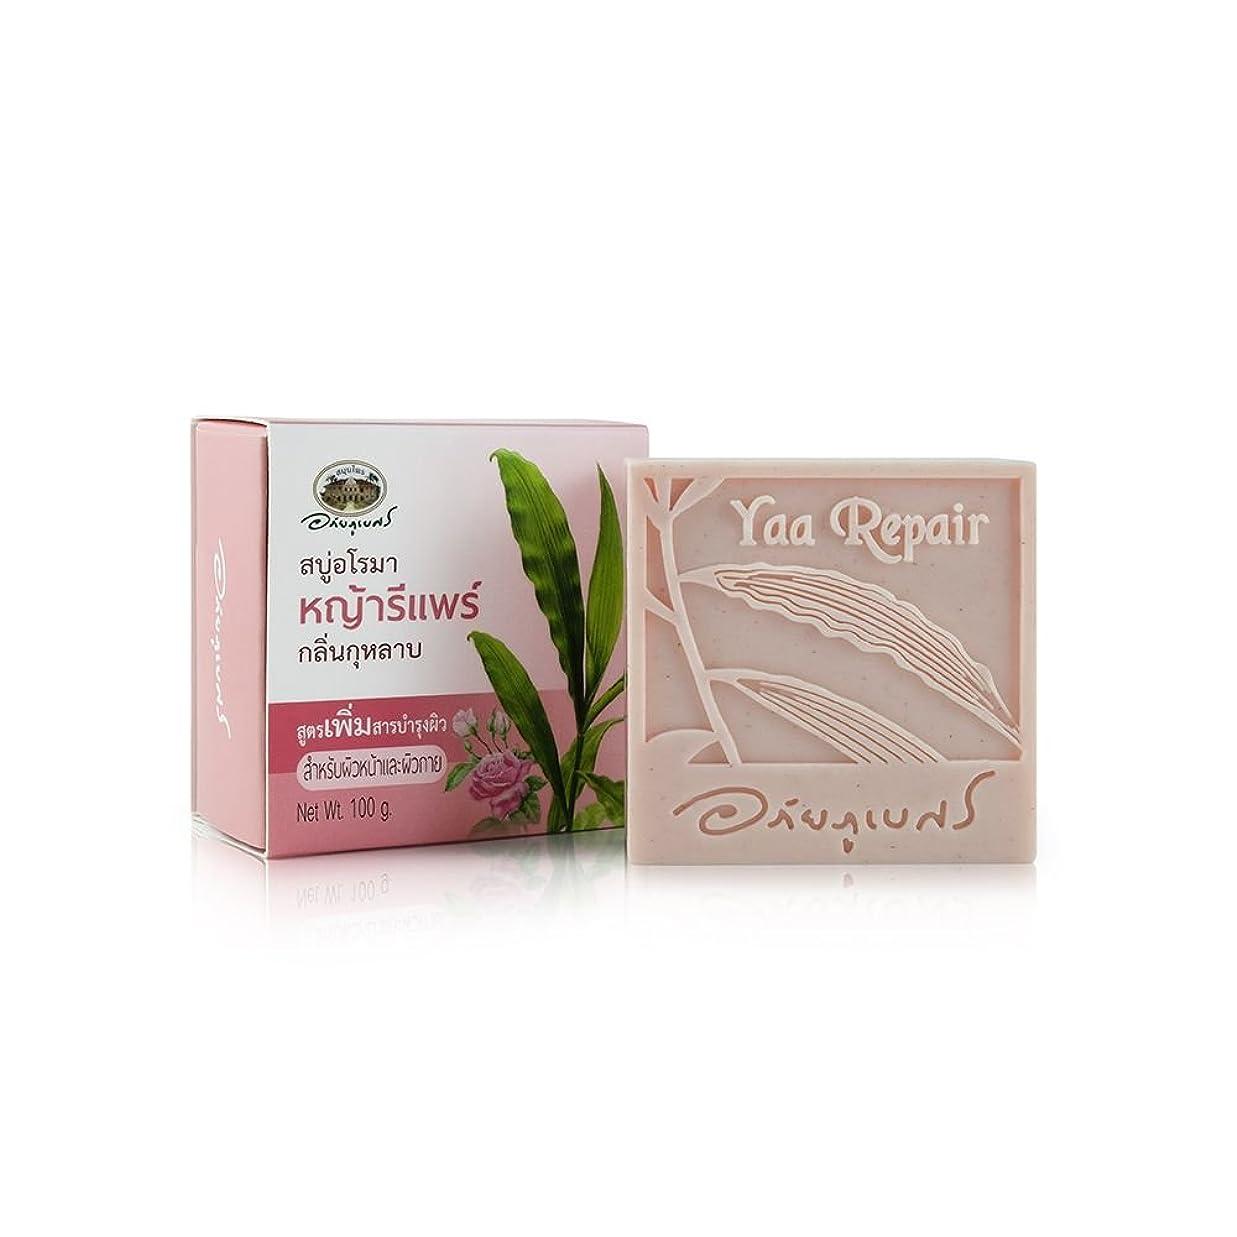 追跡雄弁キーAbhaibhubejhr Thai Aromatherapy With Rose Skin Care Formula Herbal Body Face Cleaning Soap 100g. Abhaibhubejhrタイのアロマテラピーとローズスキンケアフォーミュラハーブボディフェイス100g。